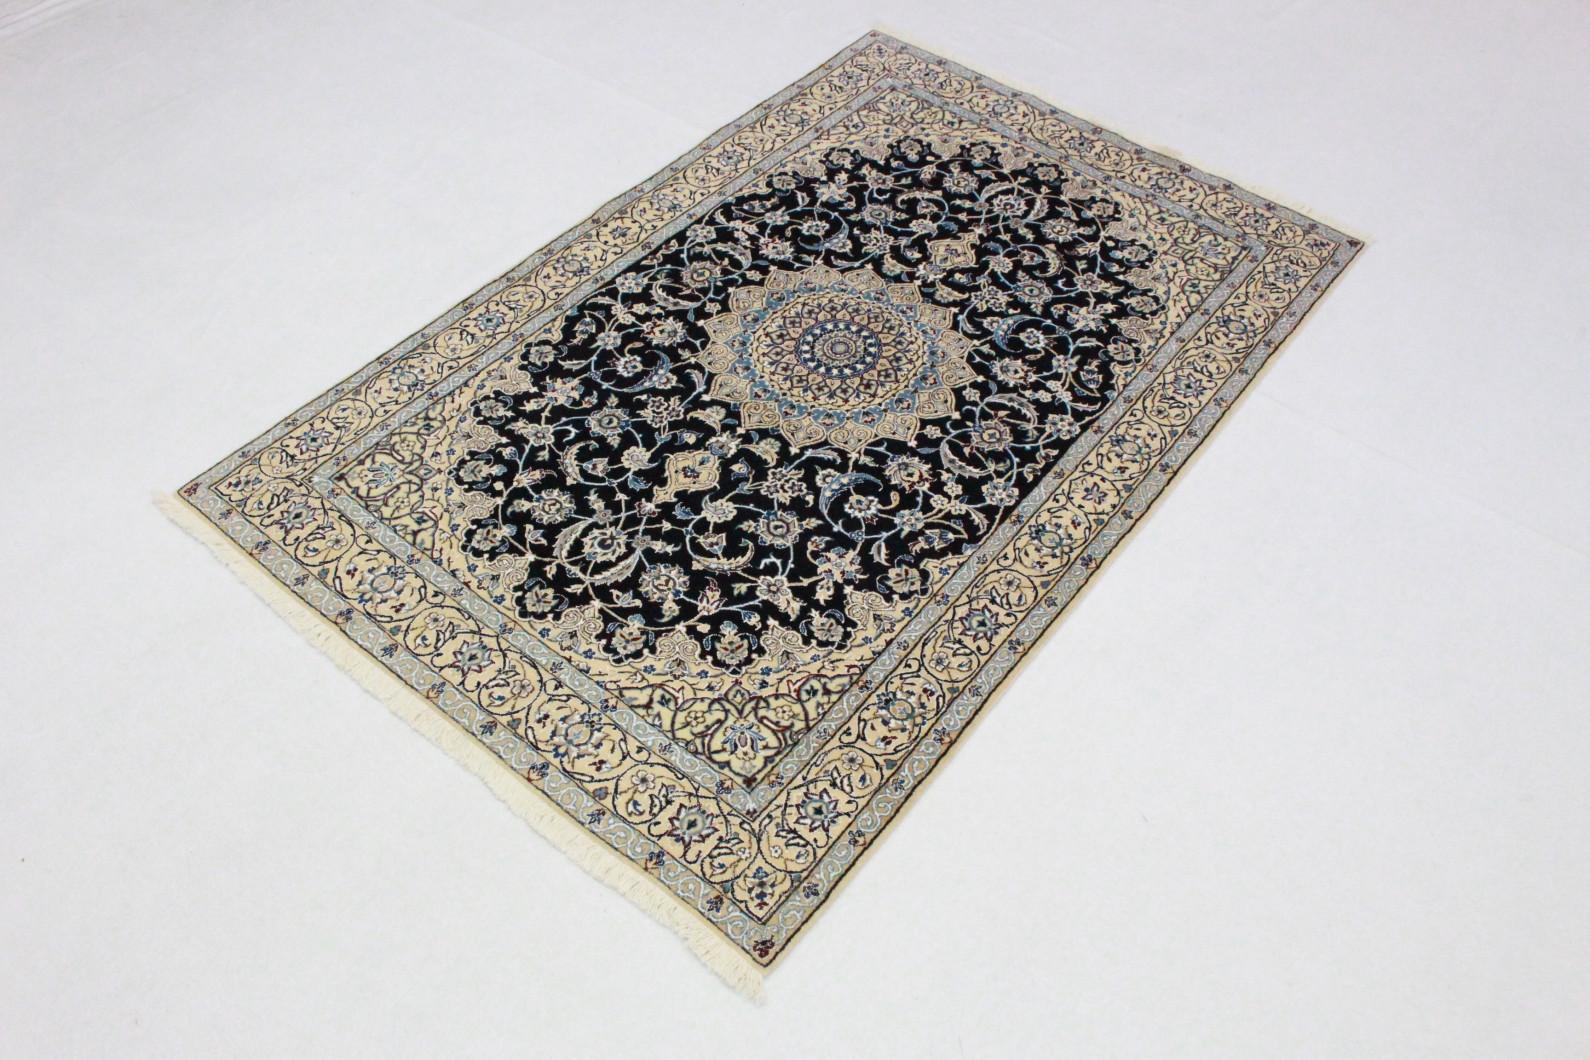 nain teppich beige blau in 200x130 5120 27405 bei kaufen. Black Bedroom Furniture Sets. Home Design Ideas